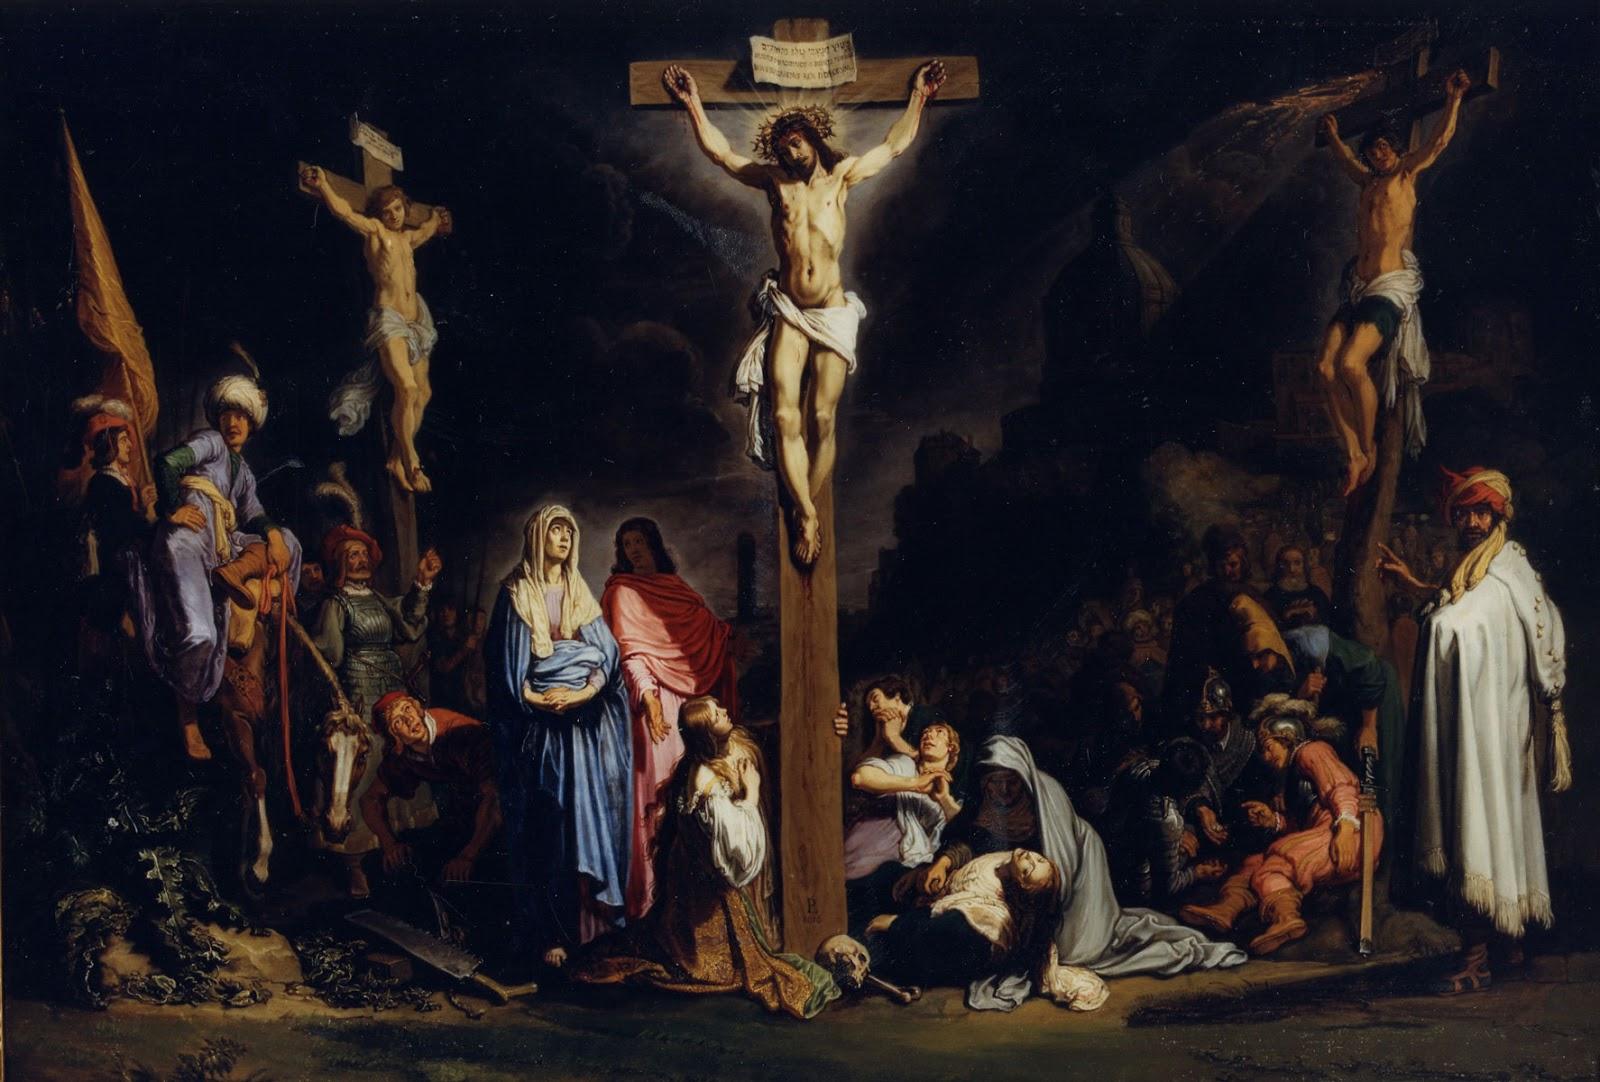 Bach – Paixão segundo São Mateus – Trechos selecionados